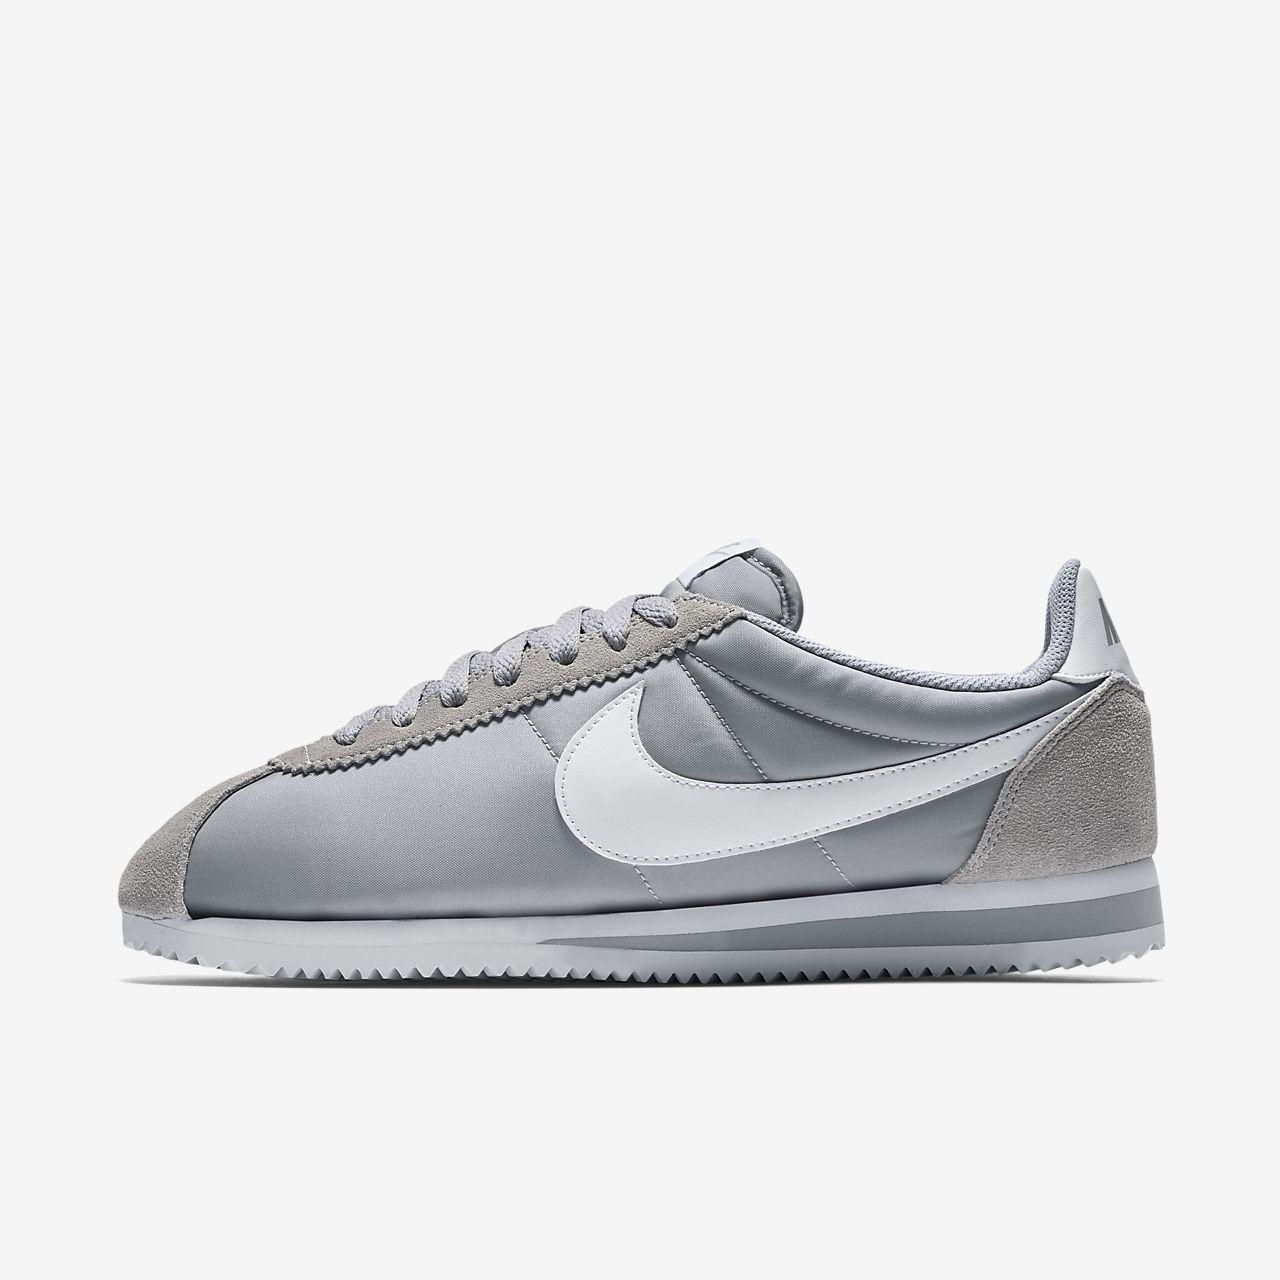 Classique Prem Nylon Cortez - Chaussures - Bas-tops Et Baskets Nike osSVQNd5